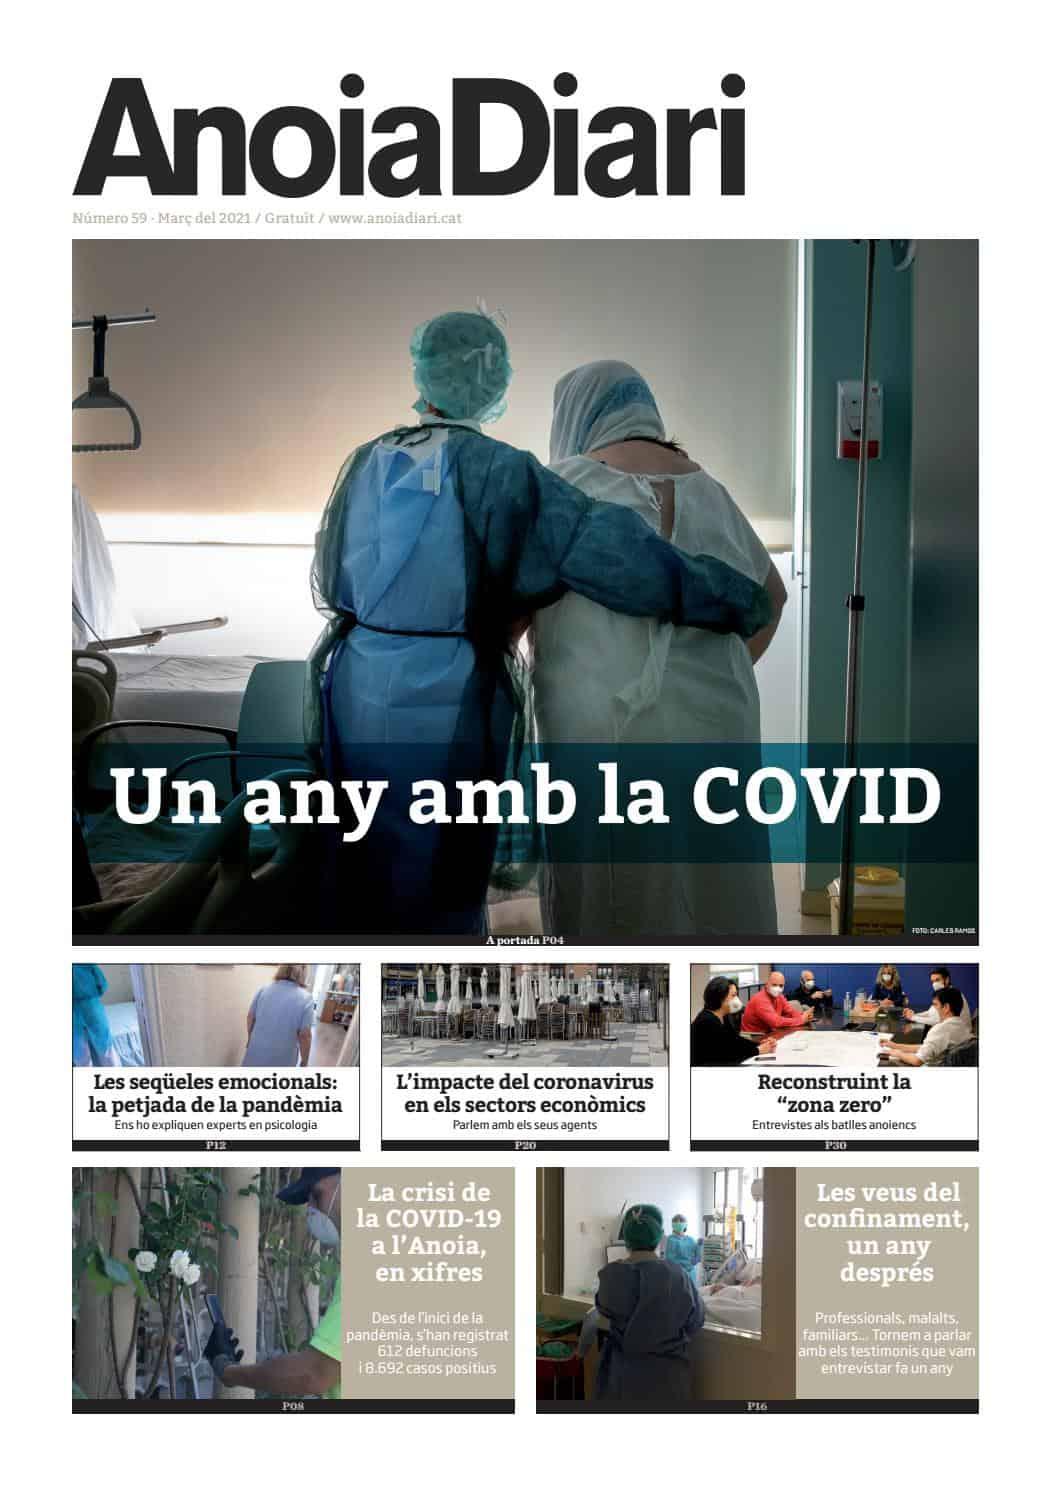 210313 - Anoiadiari - 1de4 - Una any amb la COVID_portada